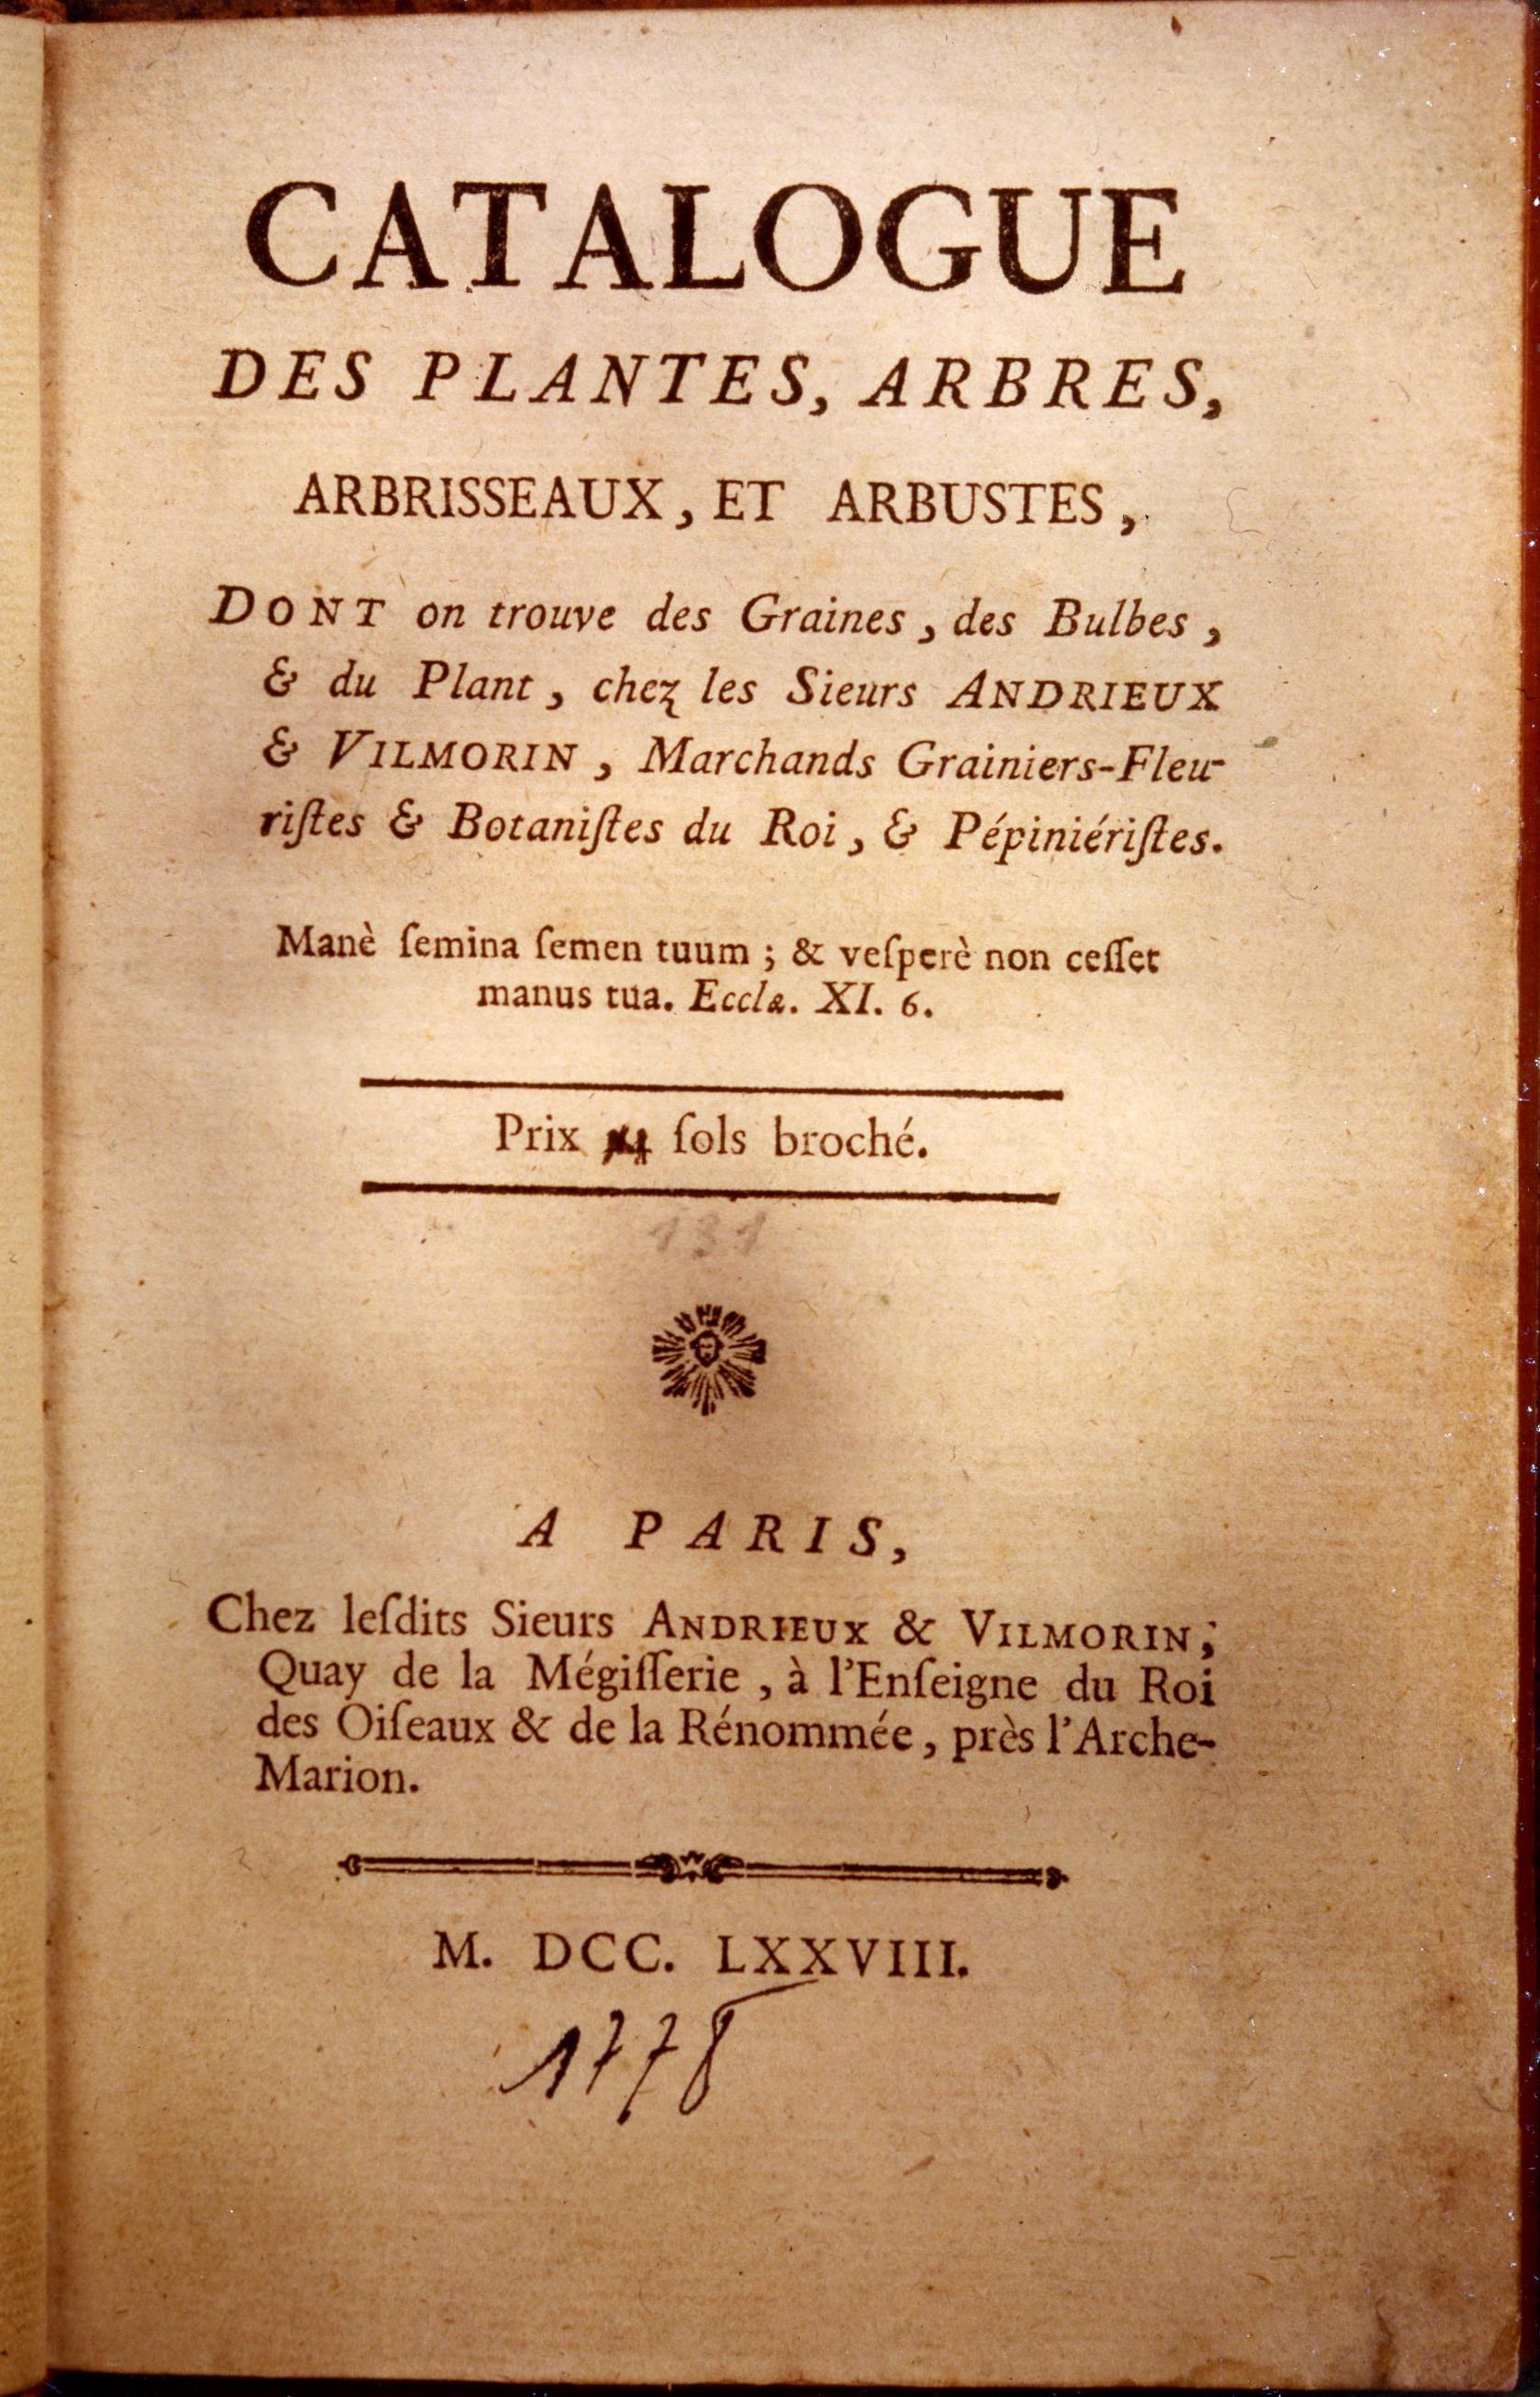 File0898 Catalogues de plantes 1778 (2)